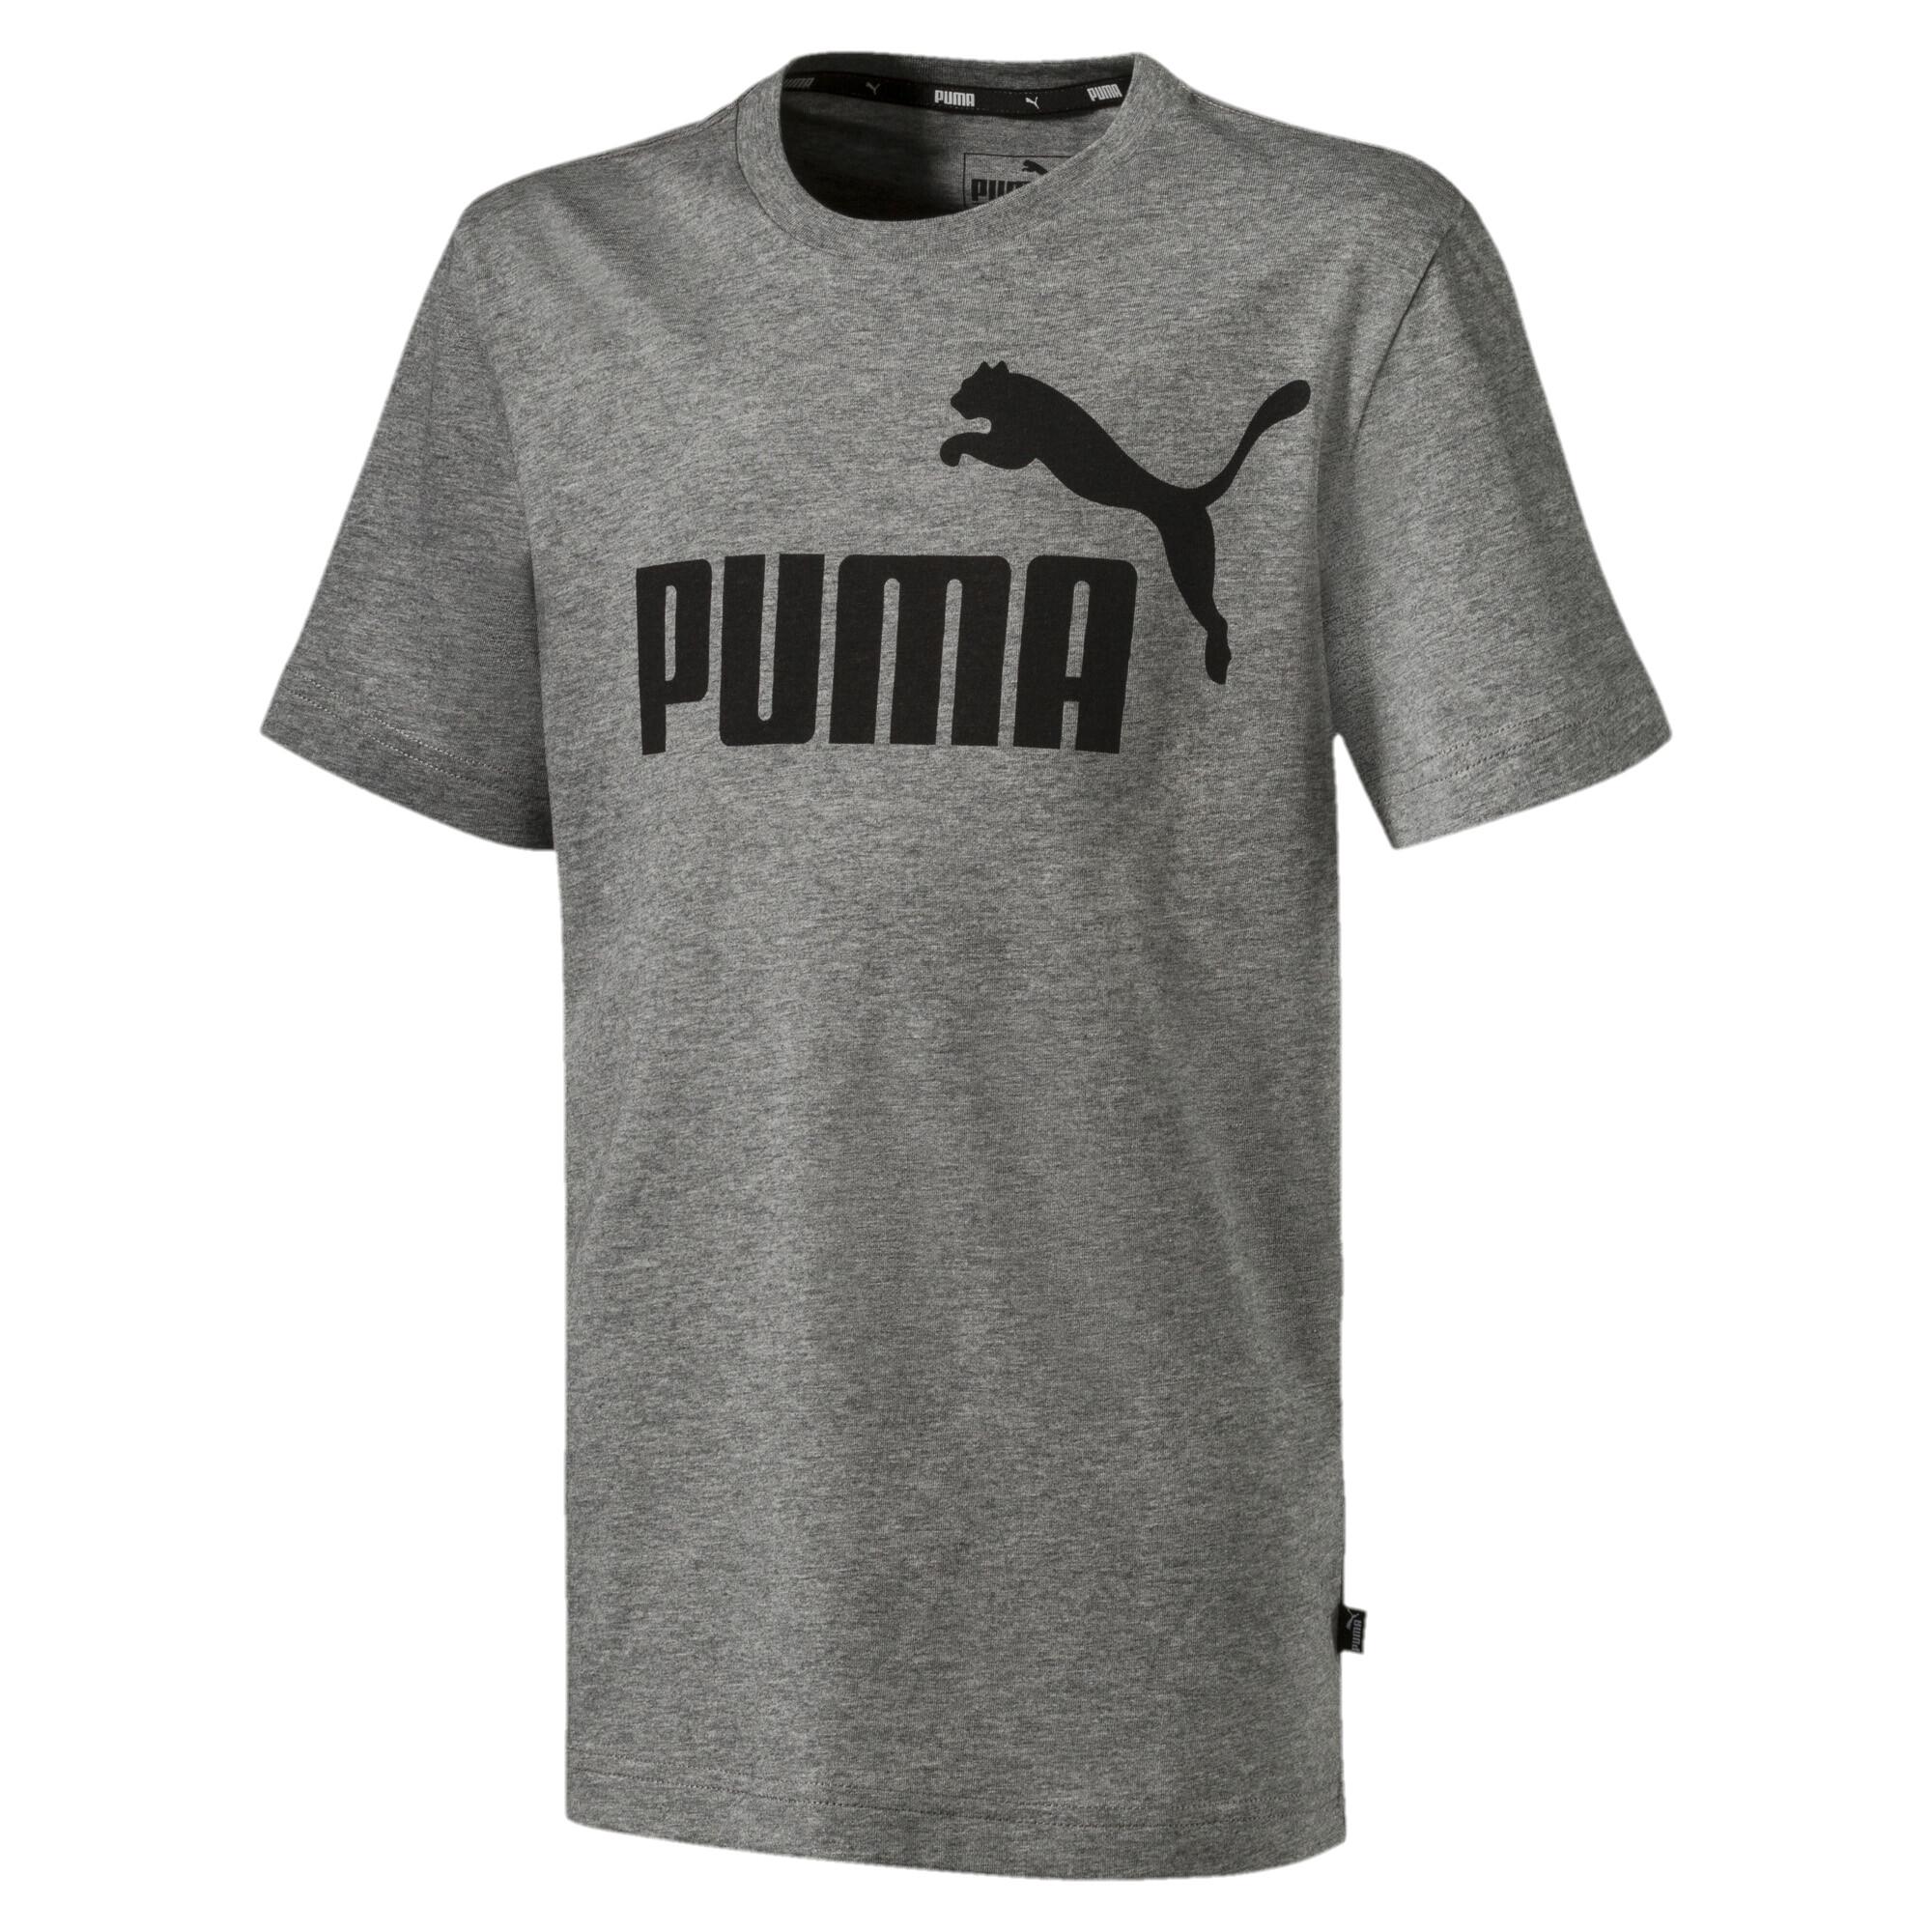 【プーマ公式通販】 プーマ キッズ ESS Tシャツ 半袖 120-160cm メンズ Medium Gray Heather |PUMA.com